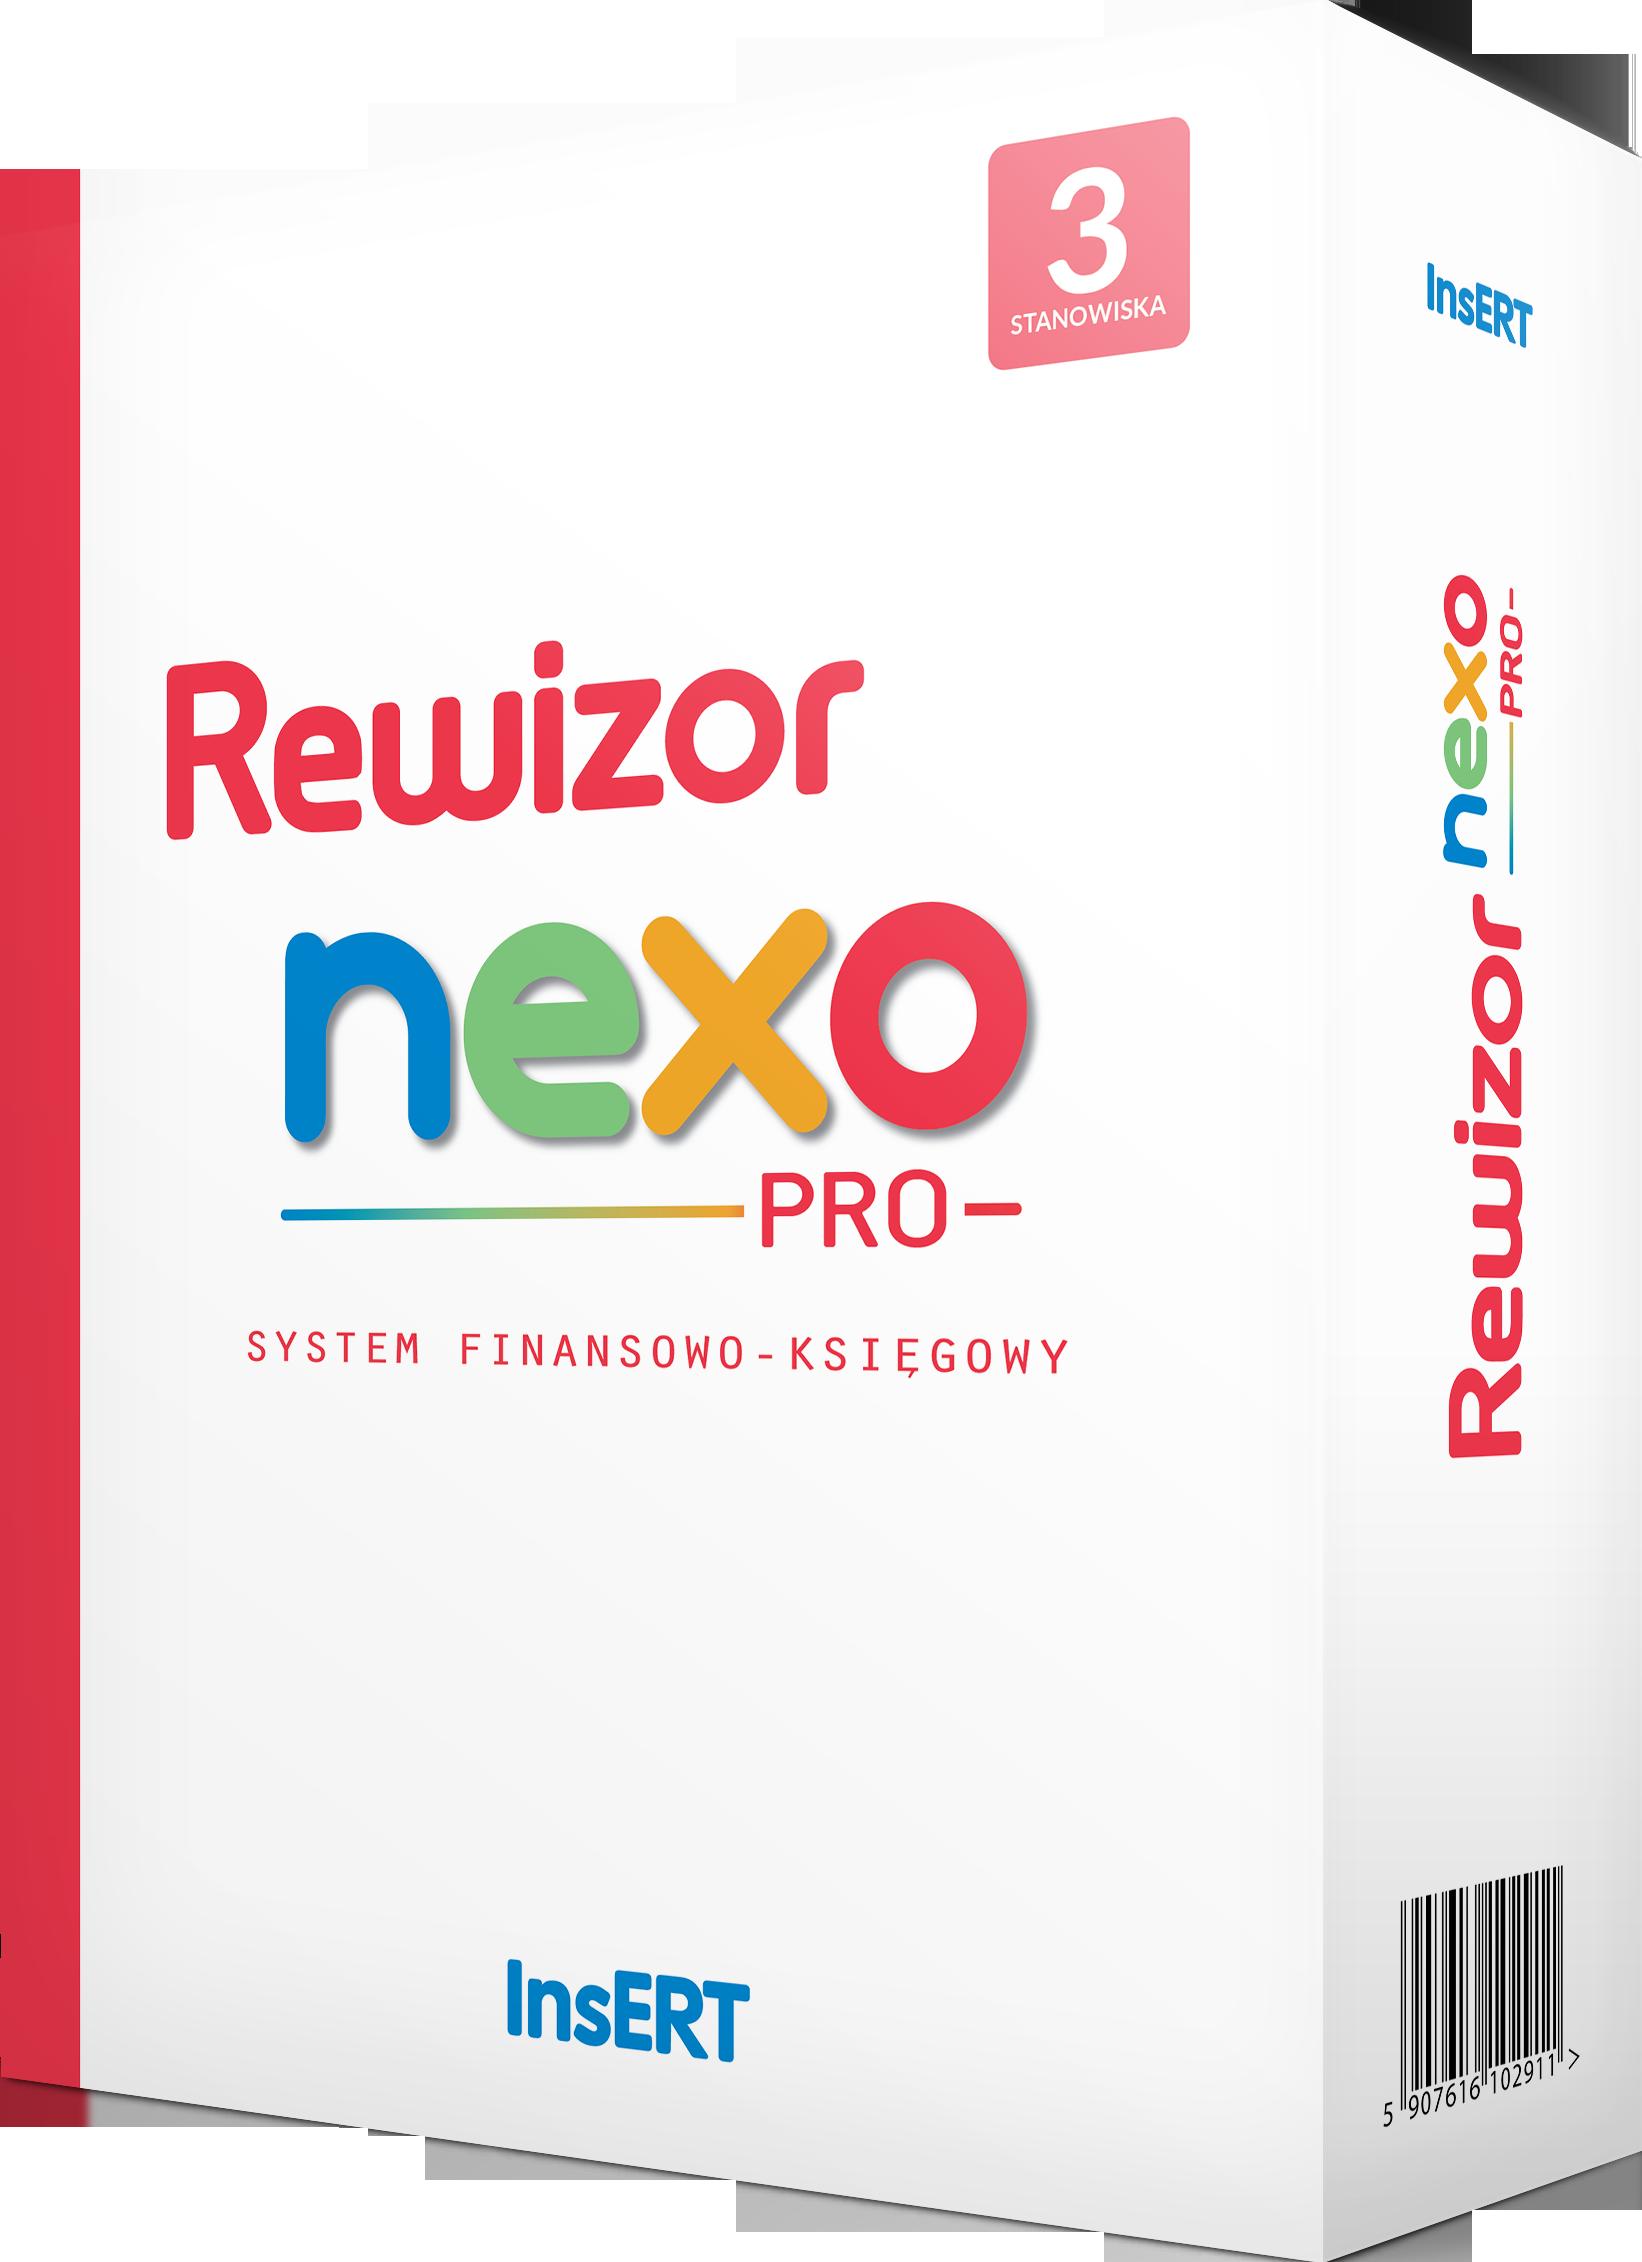 Rewizor_nexo_PRO_3_stanowiska_pudelko.png